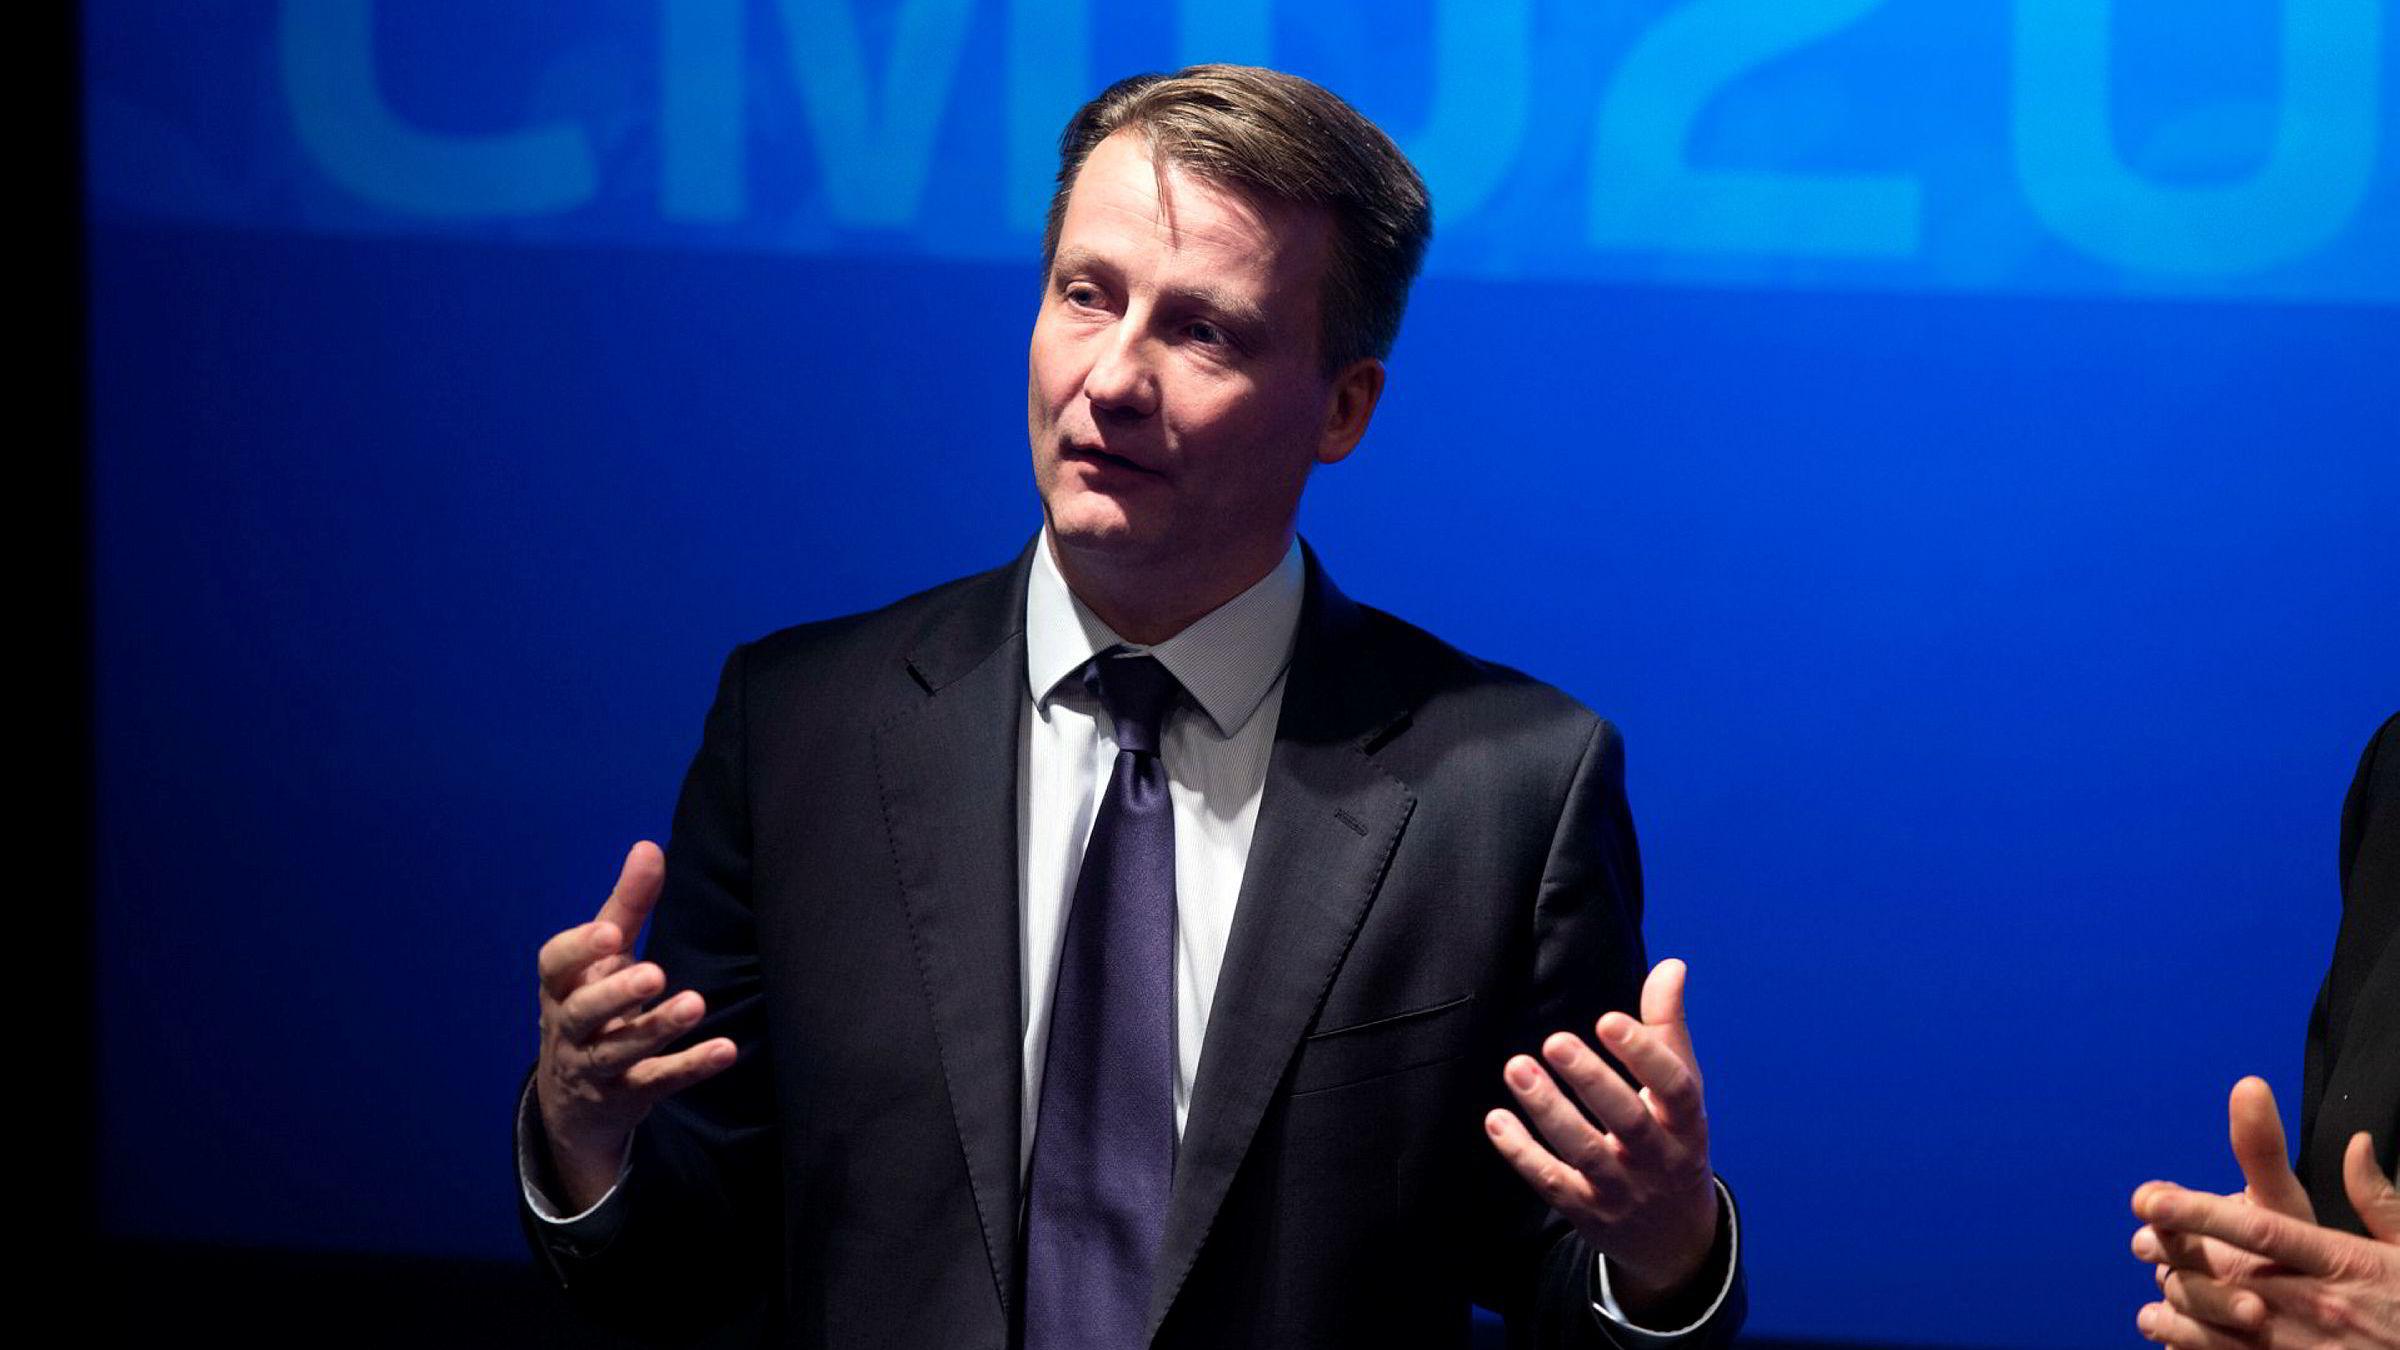 Finansdirektør Jørgen C. Arentz Rostrup i Telenor er svært fornøyd med verdiene selskapet har skapt i online markedsplasser.